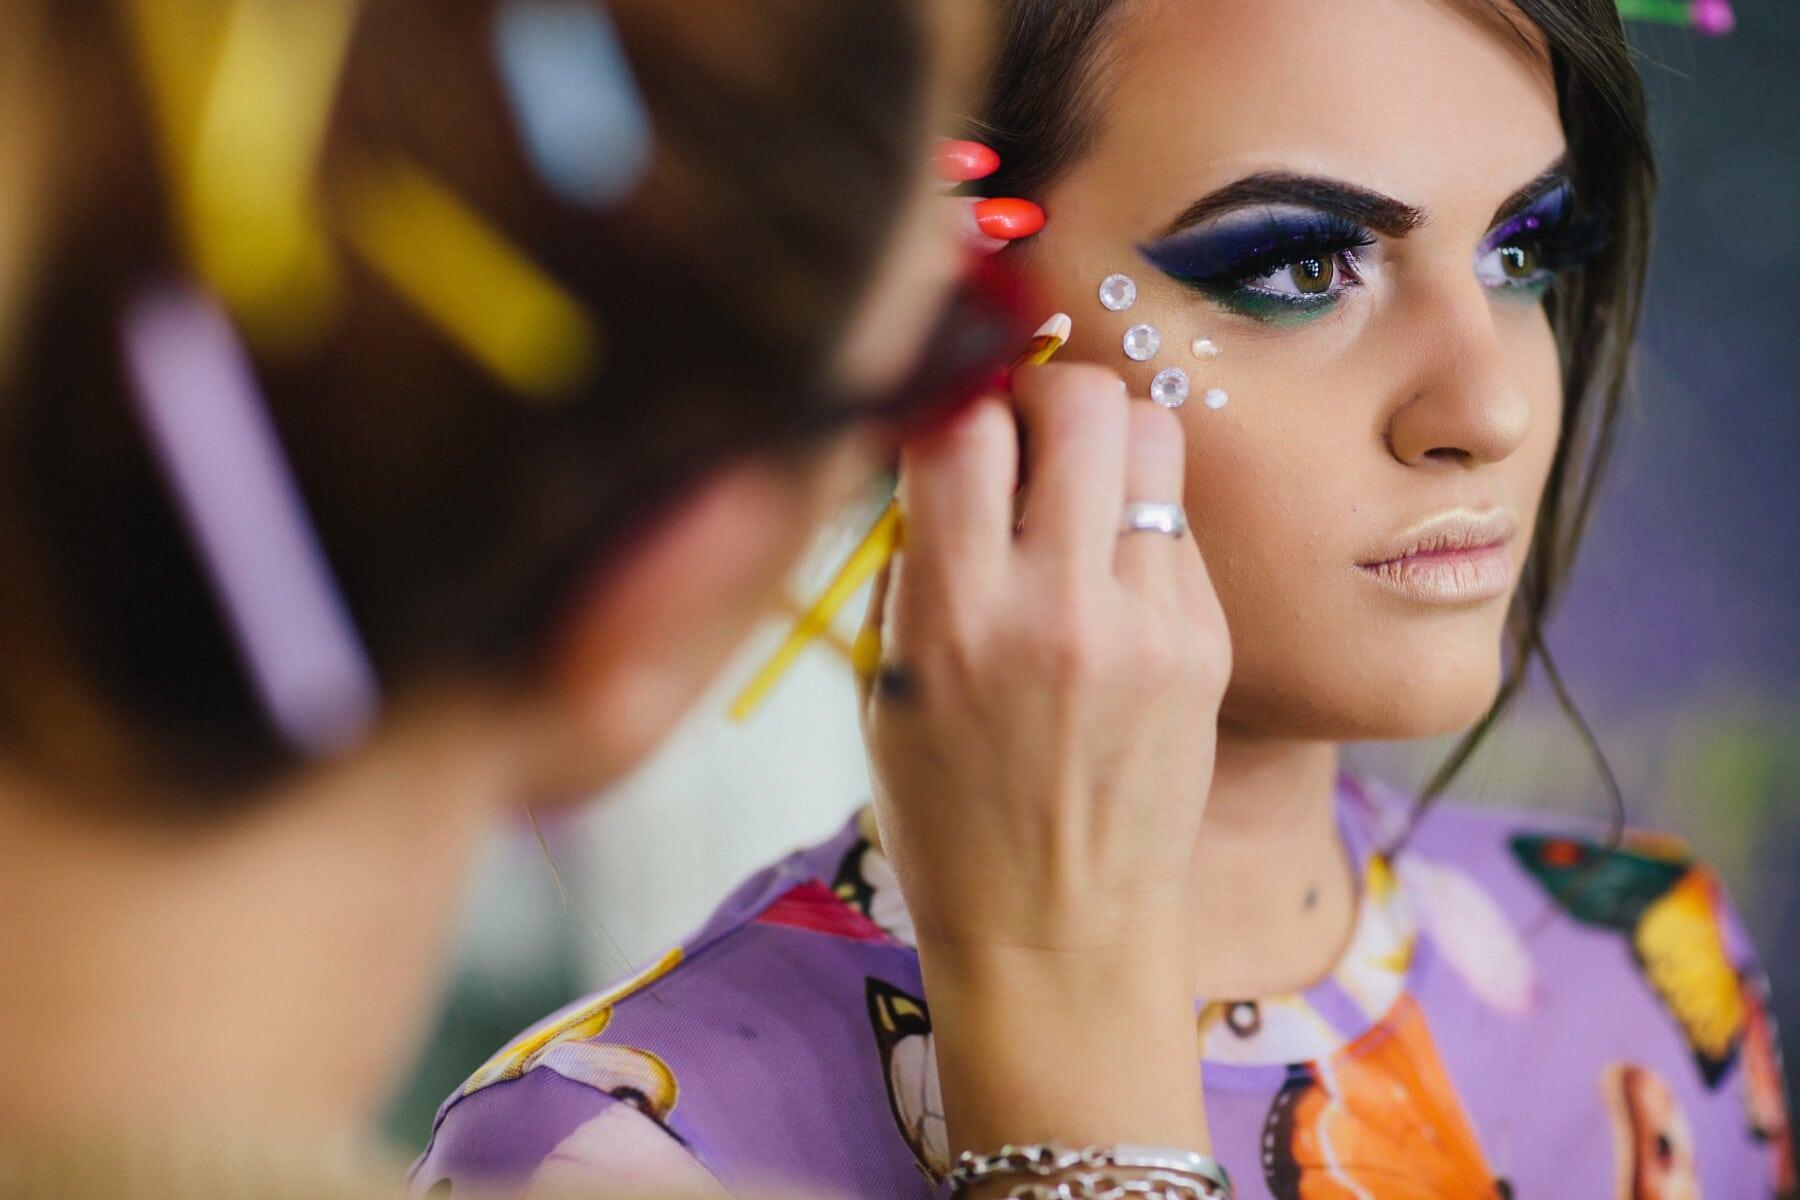 Jolie fille, produits de beauté, Salon, oeuvre, art, maquillage, corps, esthéticienne, magasin, portrait